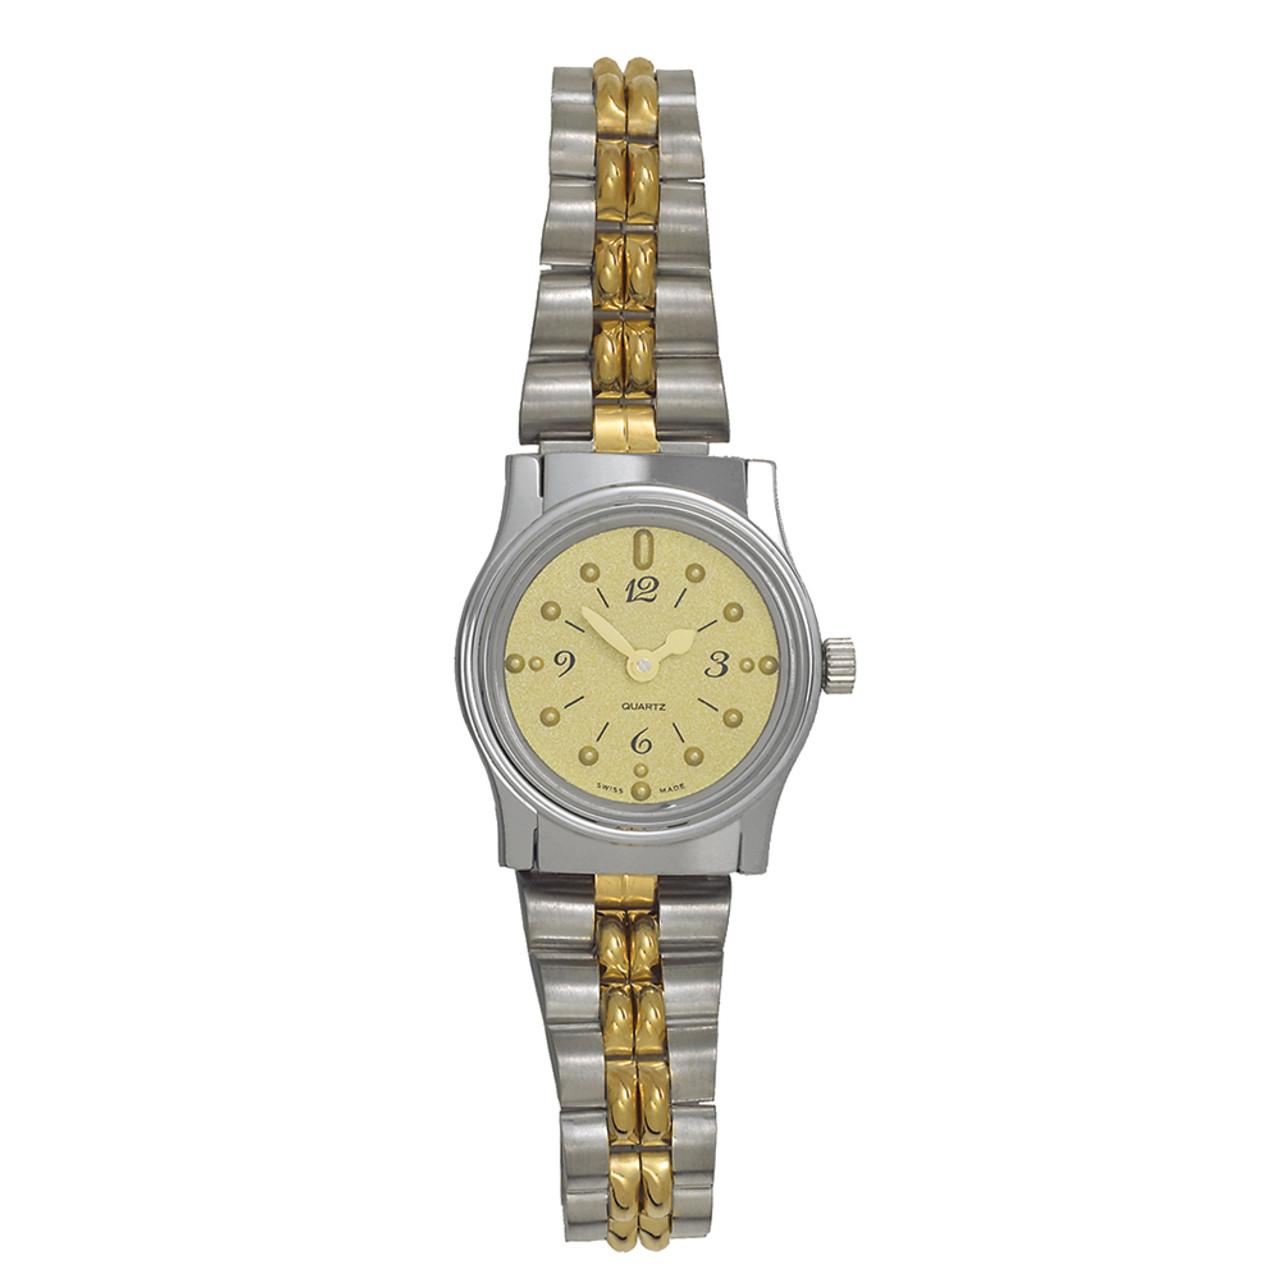 Ladies' Montiel Braille Watch Gold face, two tone color, bracelet